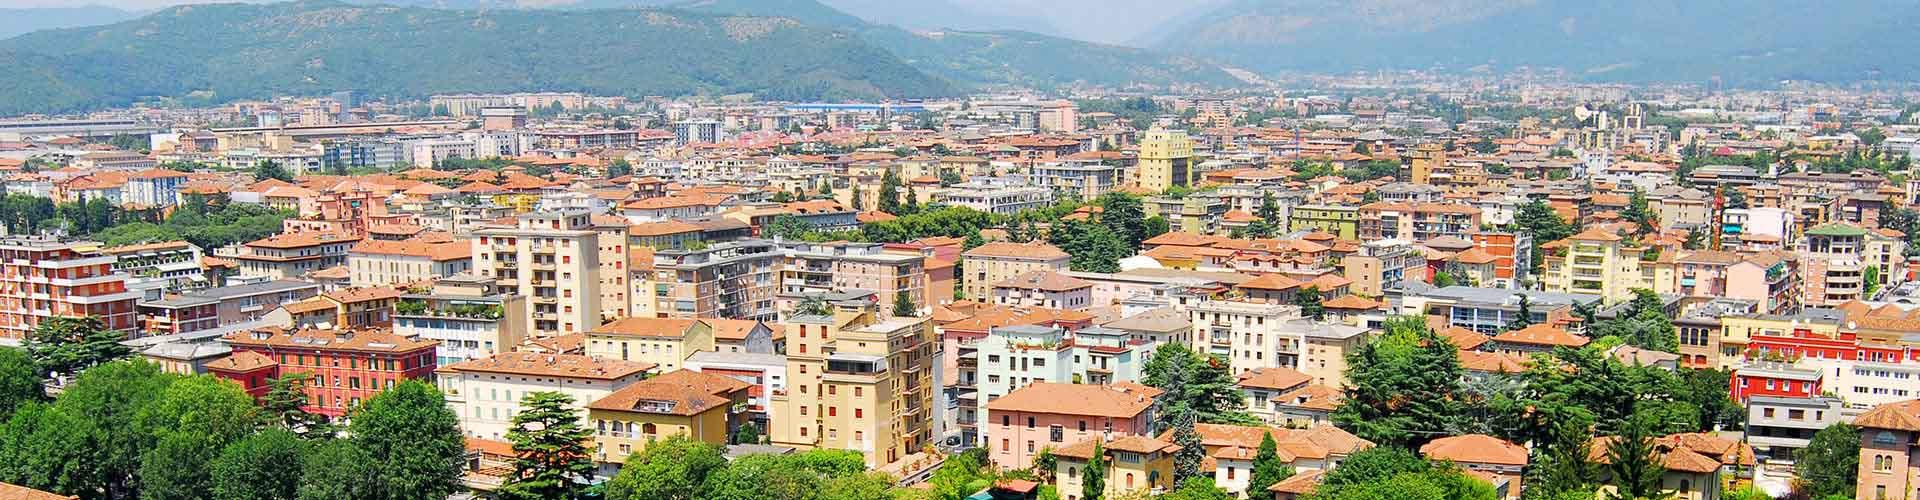 Brescia - Campamentos en Brescia. Mapas de Brescia, Fotos y comentarios de cada Campamento en Brescia.